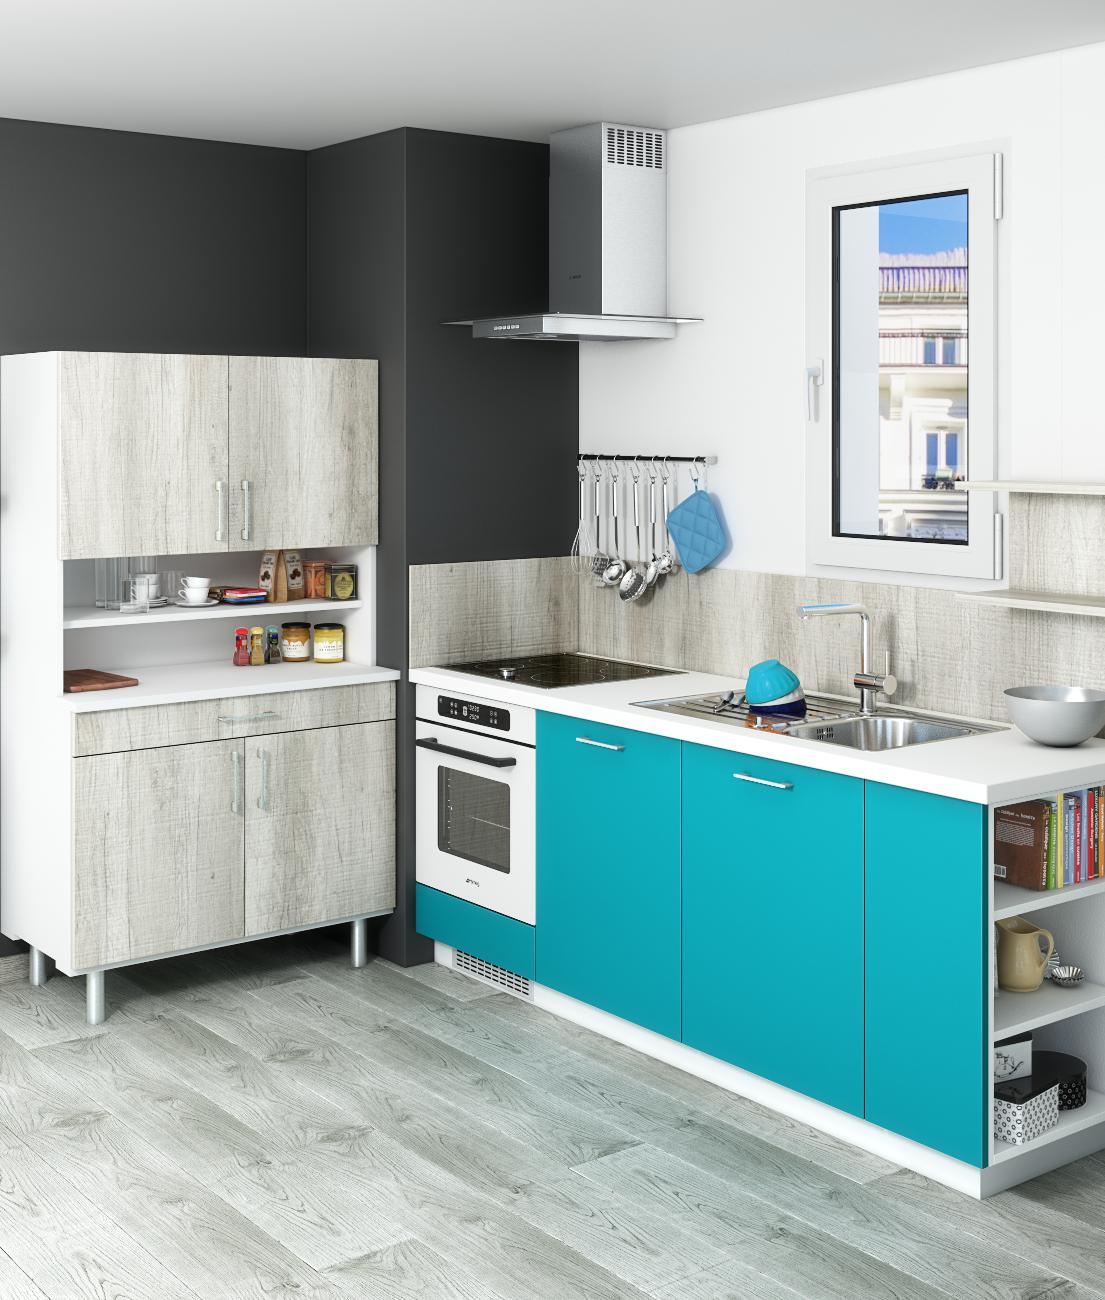 manque de place dans votre cuisine pourquoi pas ajouter un buffet astuces et id es d. Black Bedroom Furniture Sets. Home Design Ideas